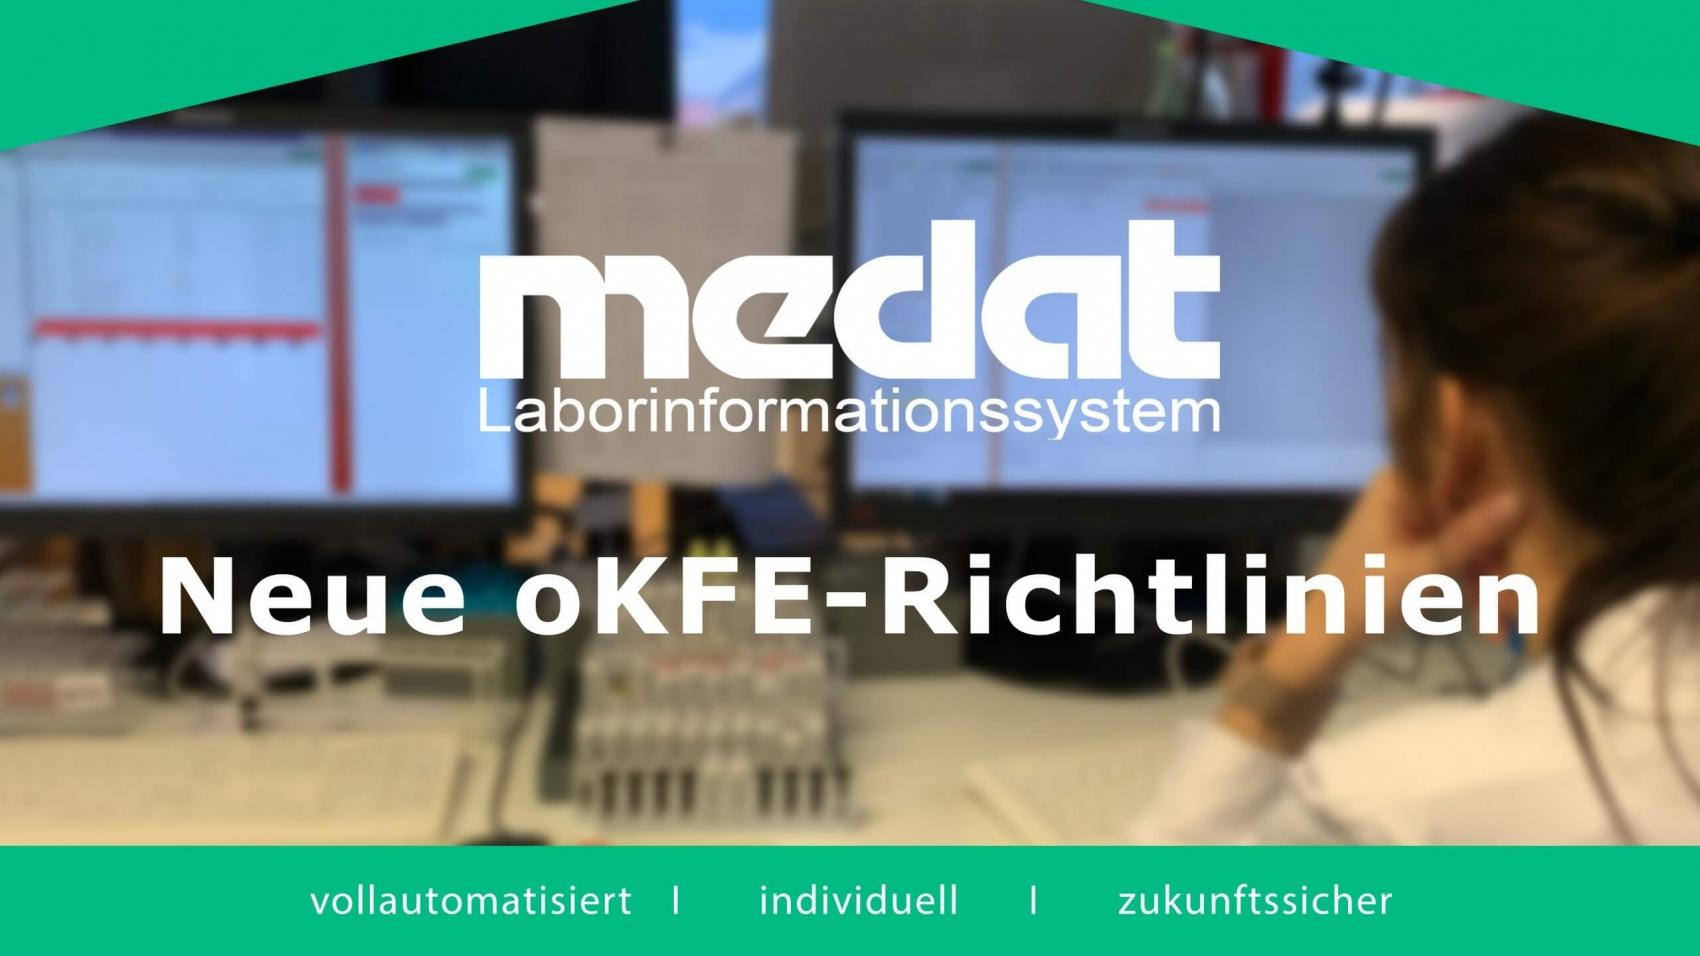 Medat Laborinformationssystem mit neuer oKFE-Richtlinie